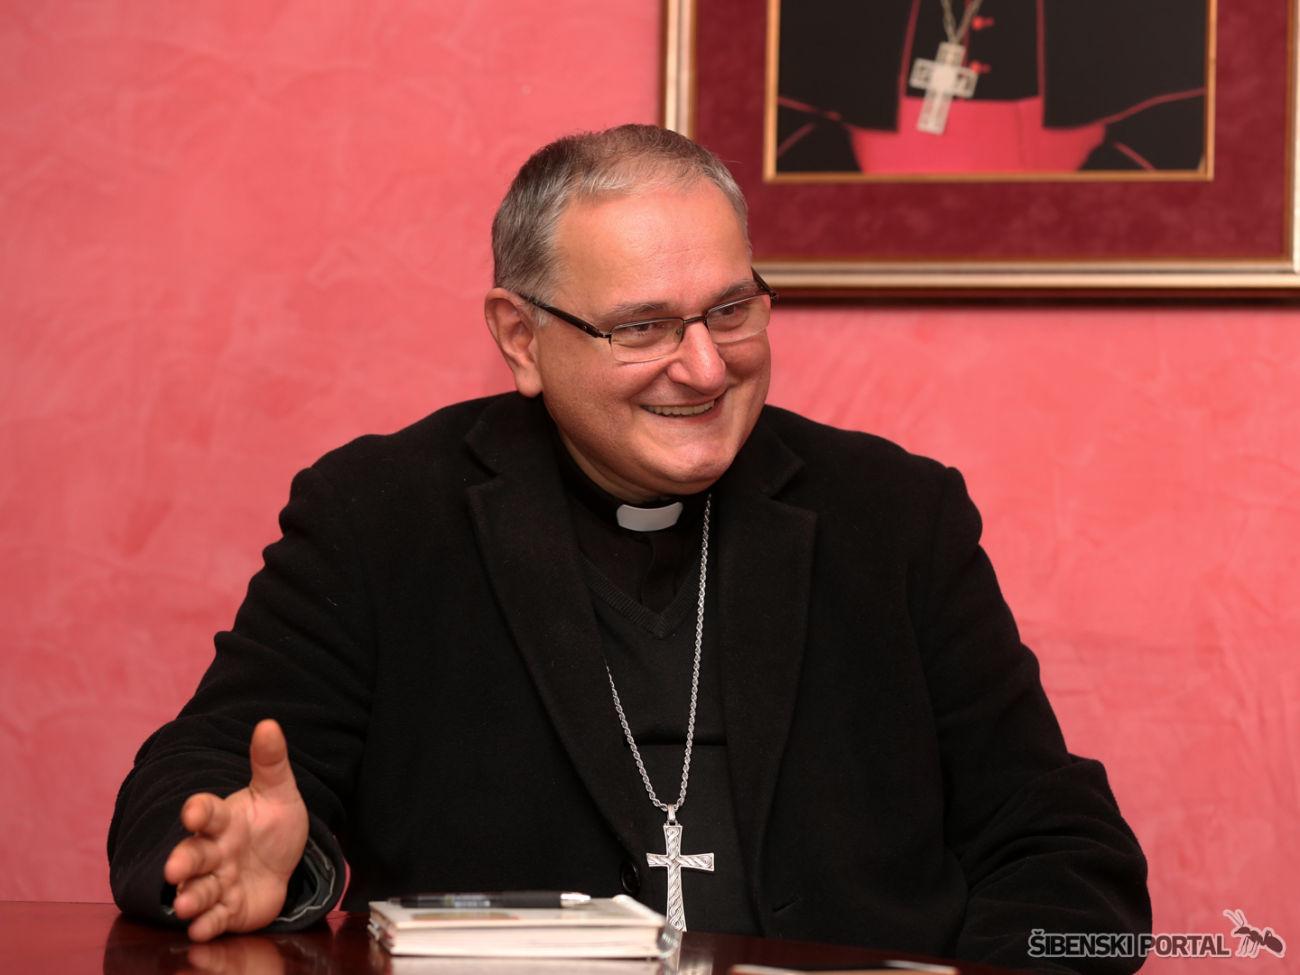 biskup-tomislav-rogic-251116-11